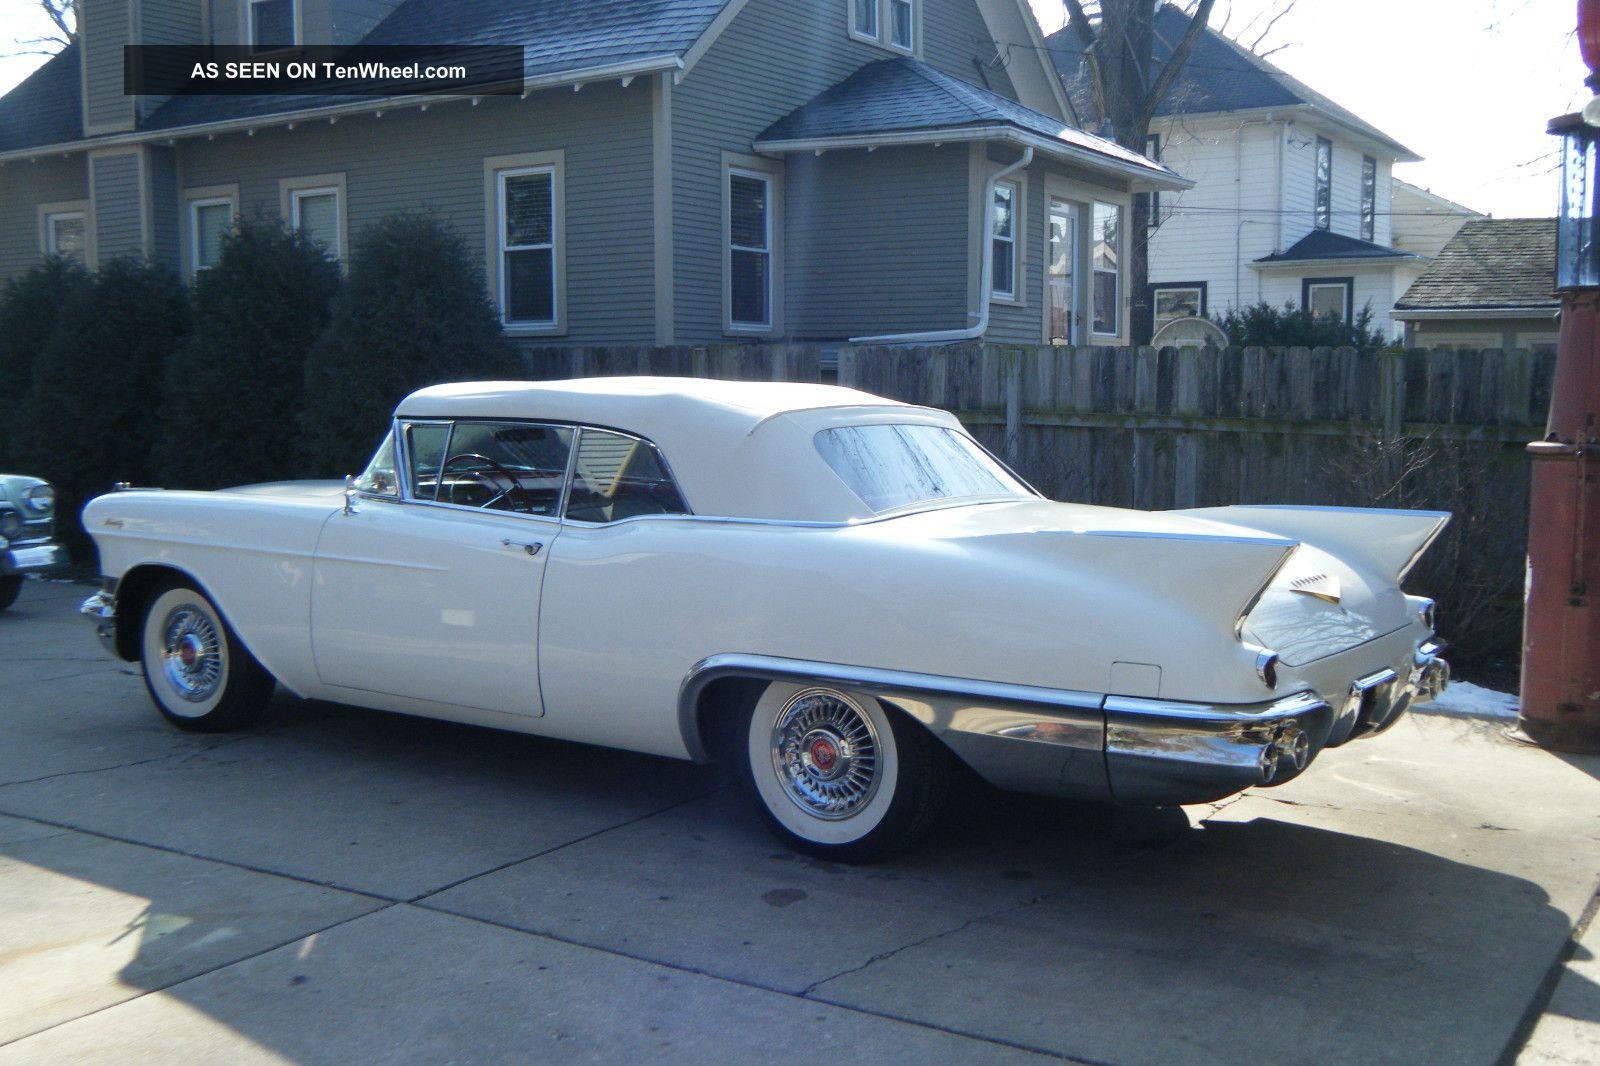 1957 Cadillac Eldorado Convertible Factory Air